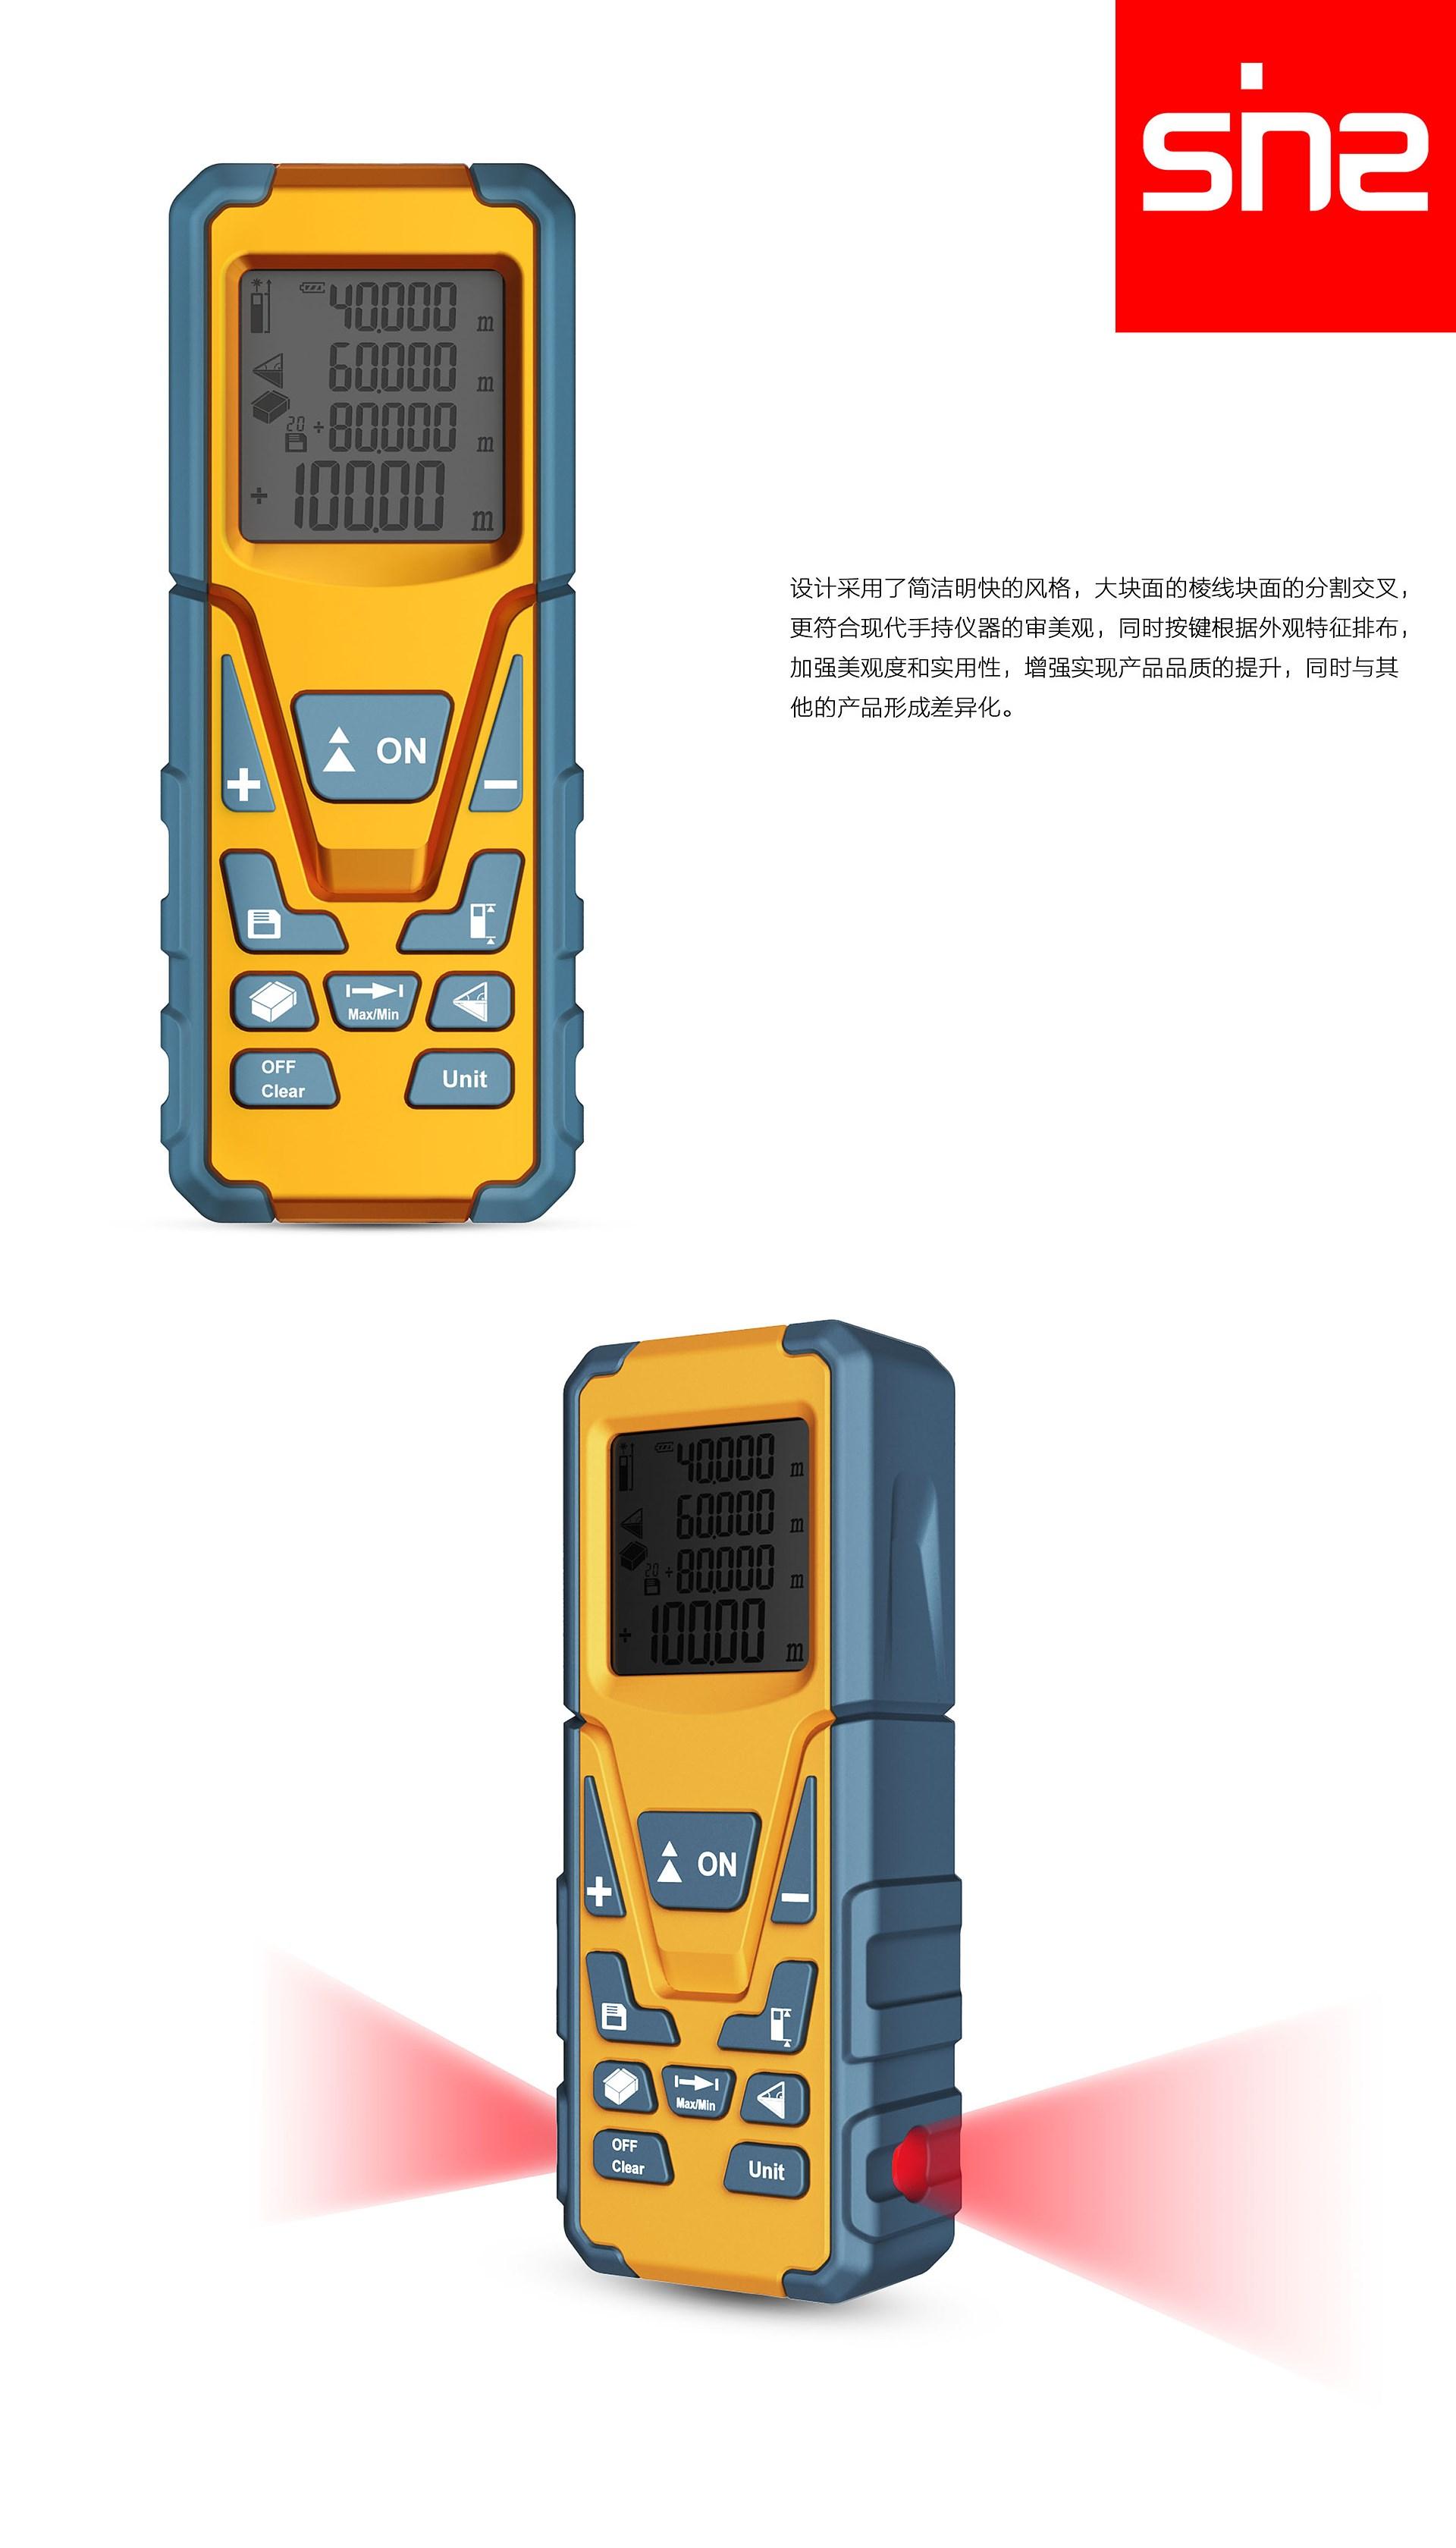 2手?#36136;?#28608;光测距仪工业设计1.jpg